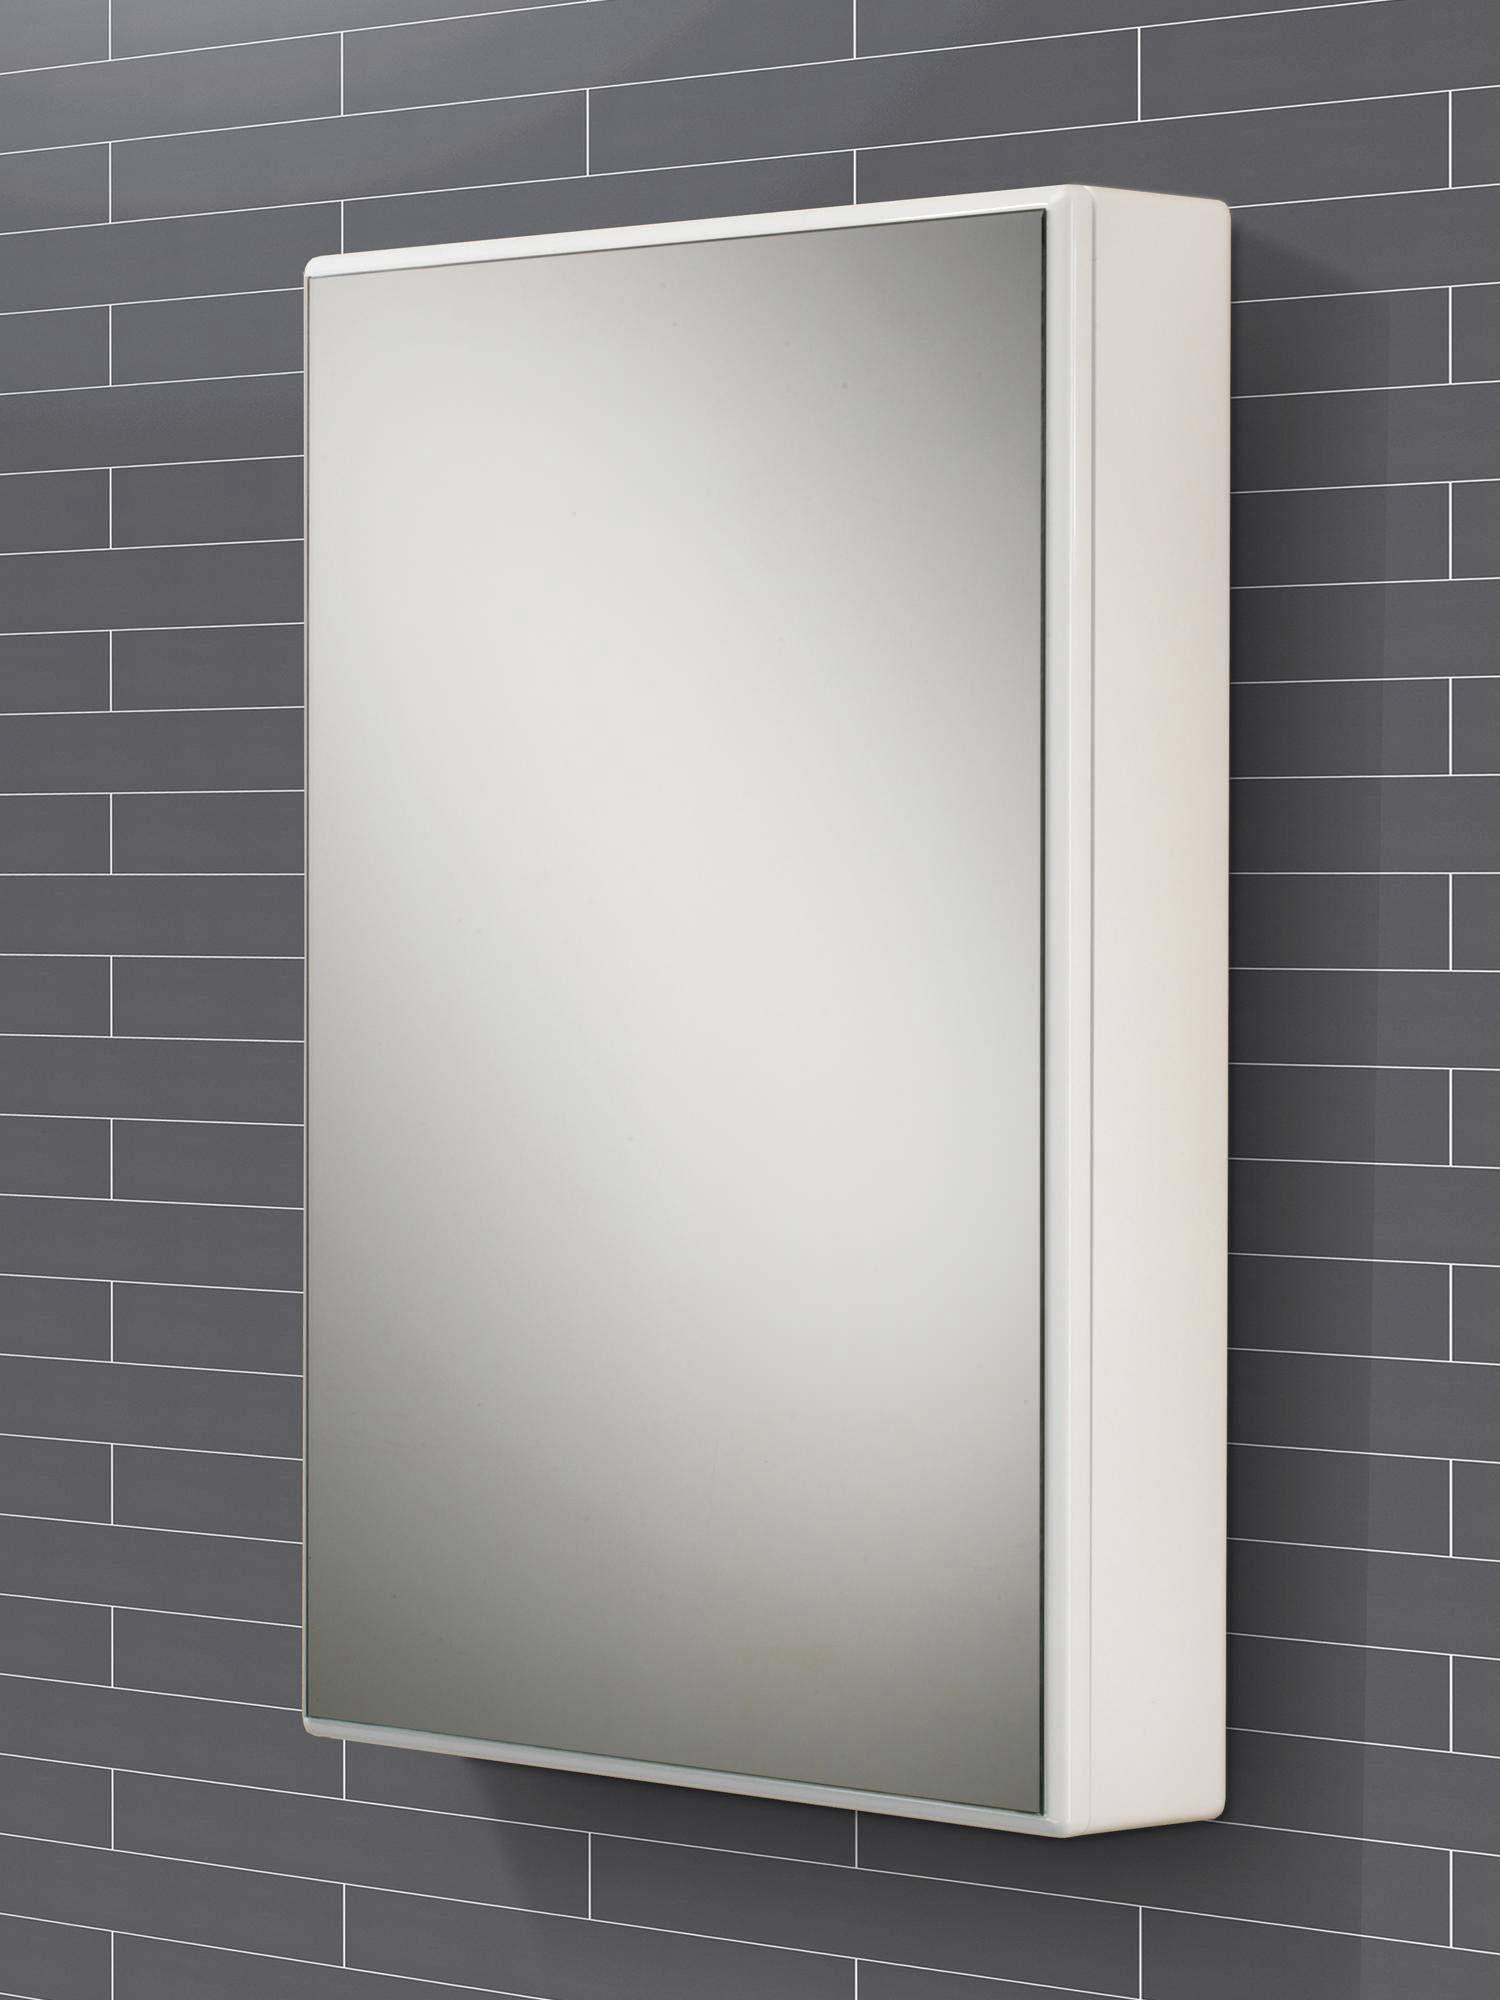 hib bathroom cabinets tulsa single door slimline cabinet 50 x 70 x